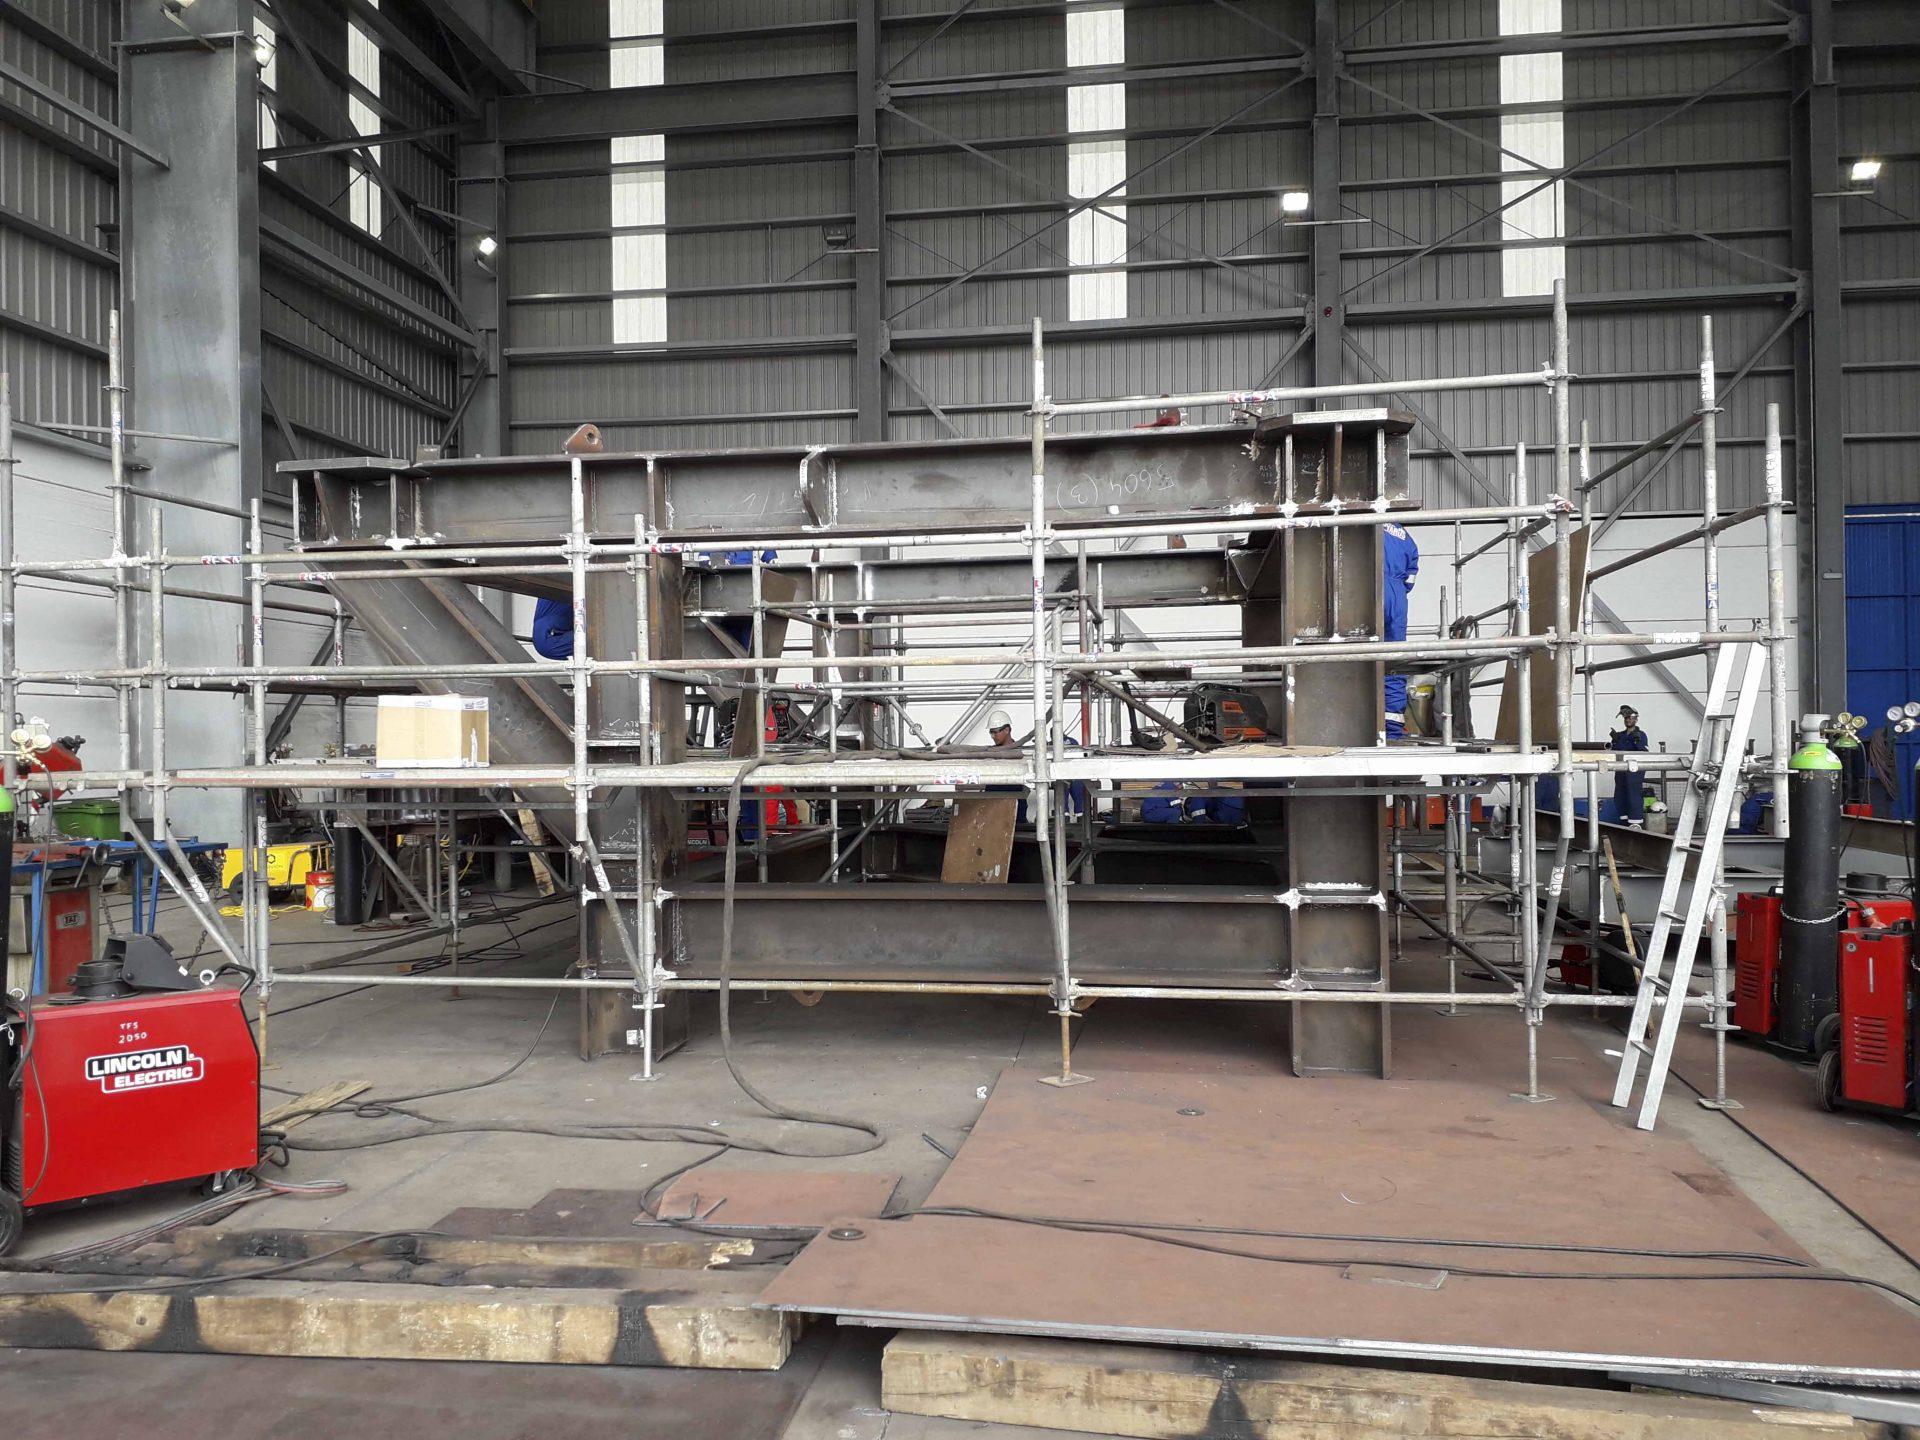 Mude fabrication process certifies welding procedures